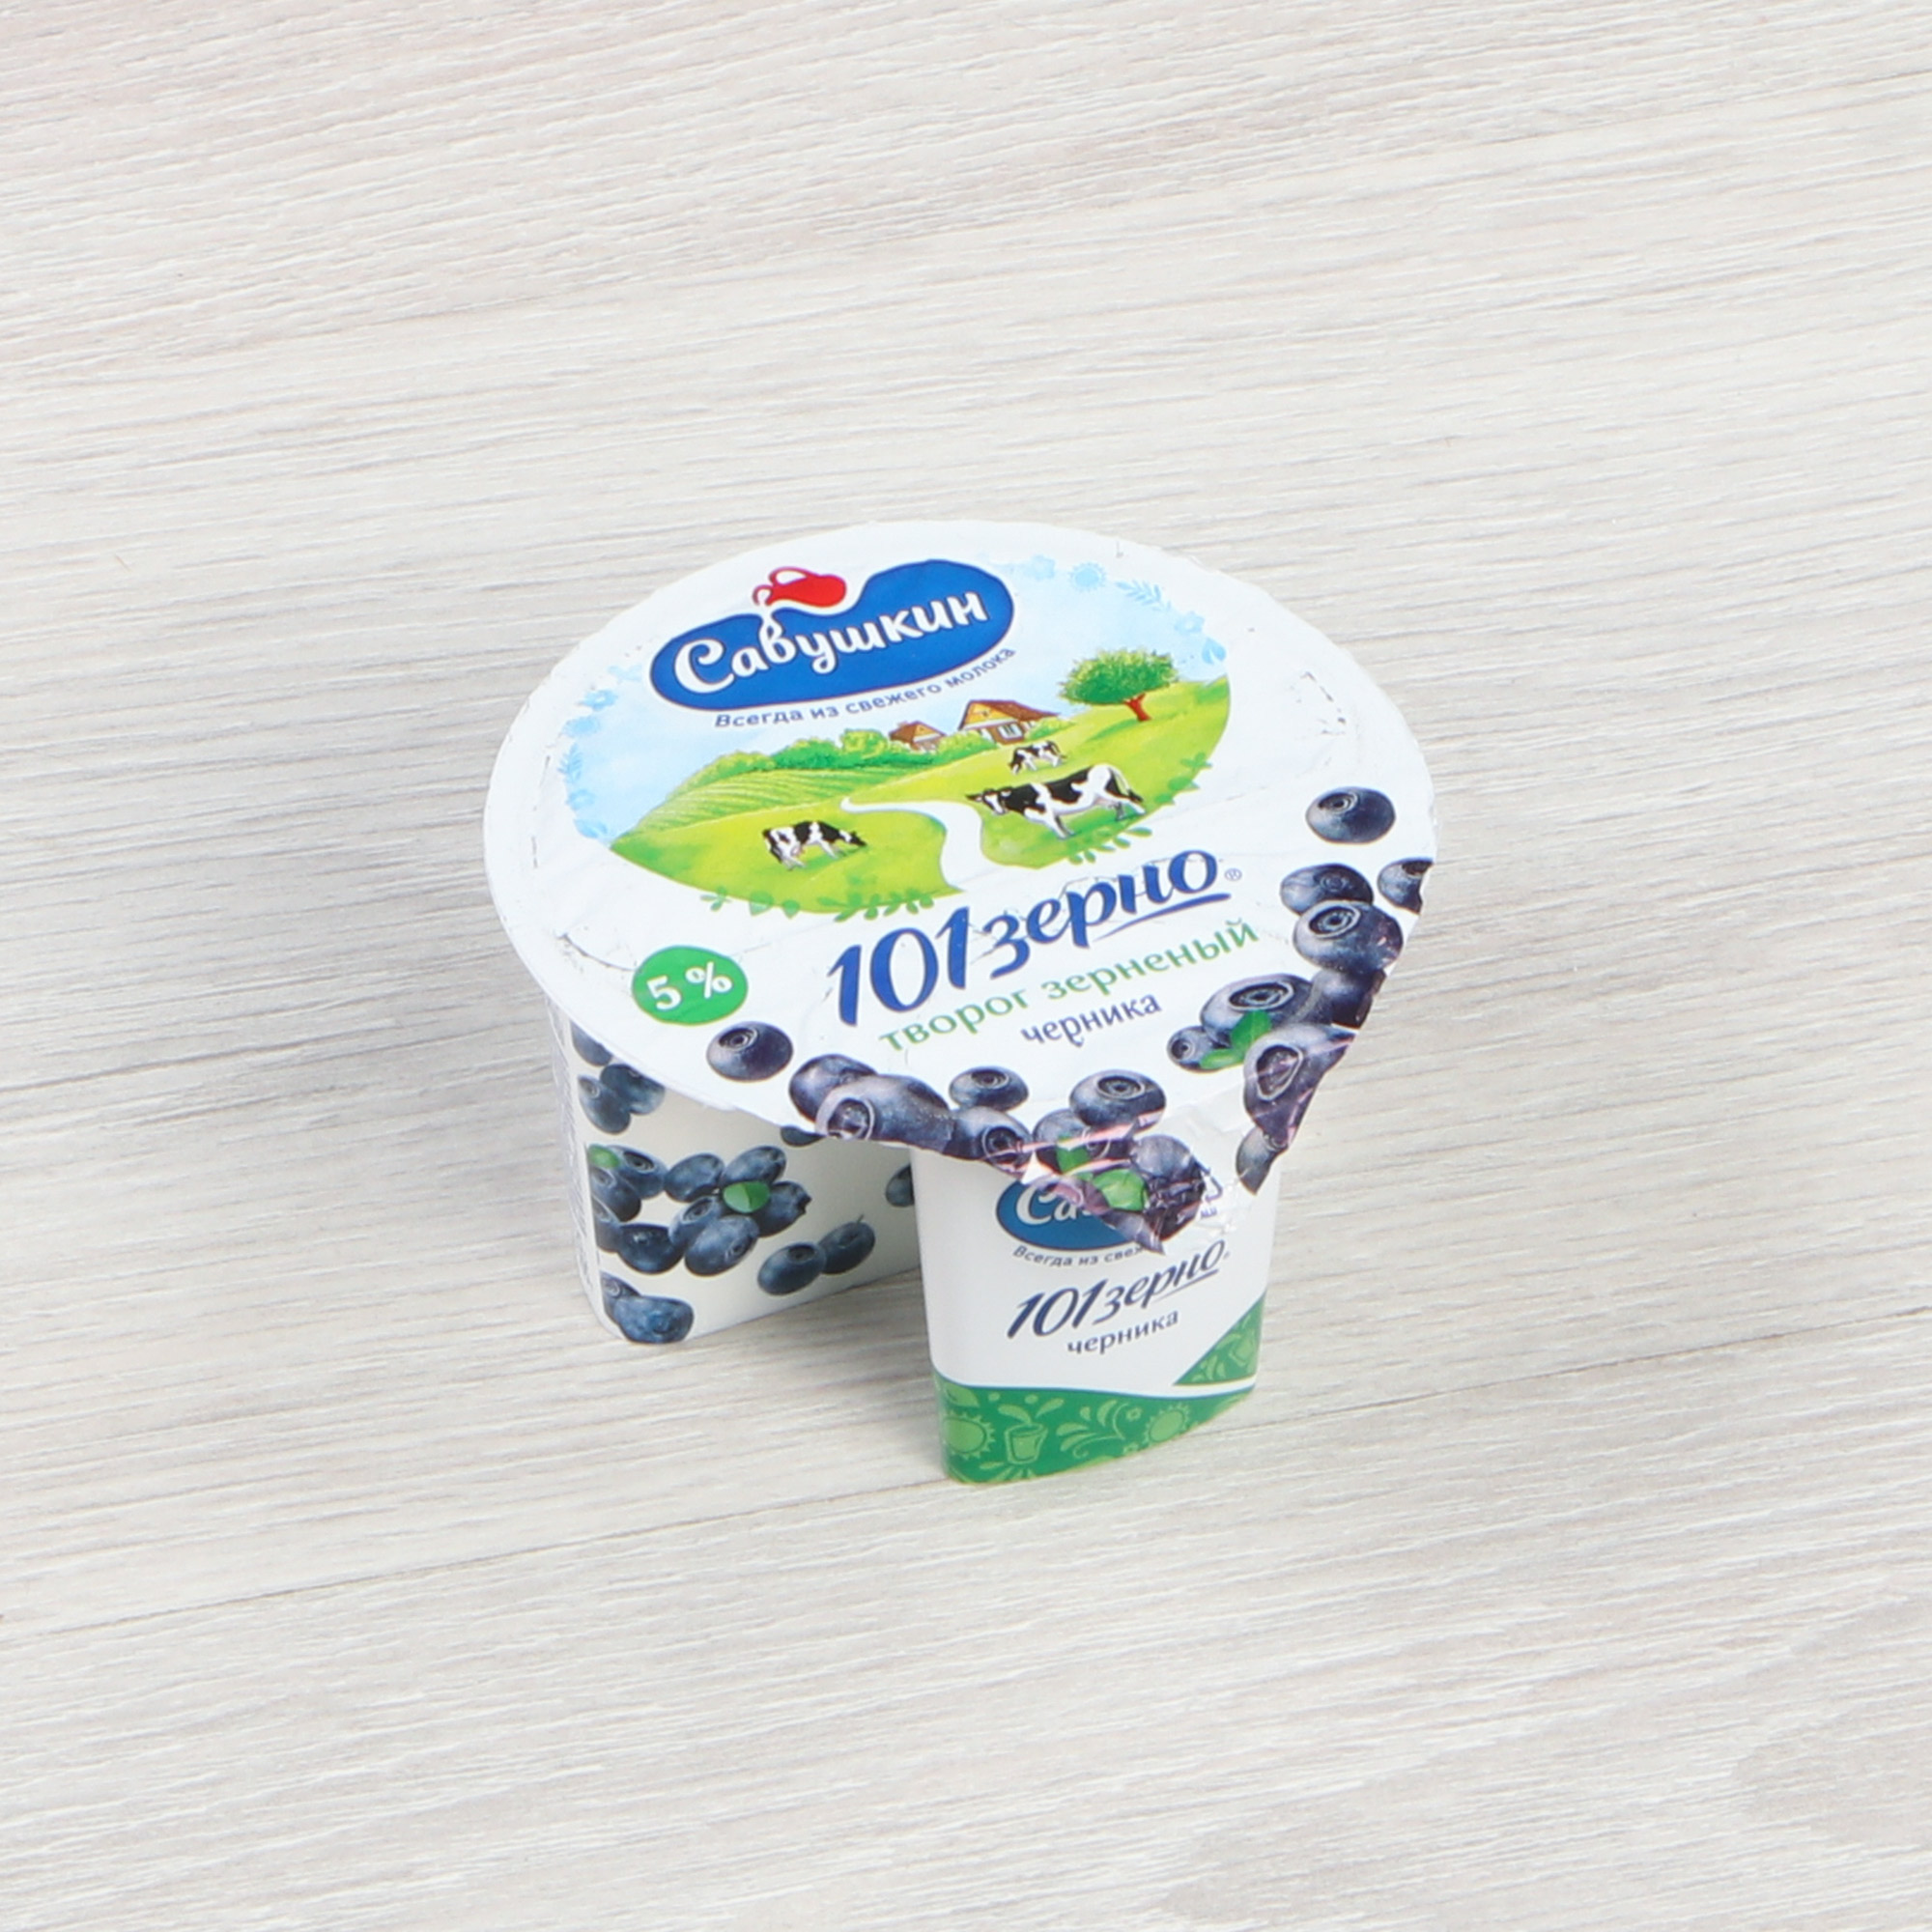 творог савушкин продукт рассыпчатый 5% 700 г Творог Савушкин продукт 101 зерно черника 5% 130 г